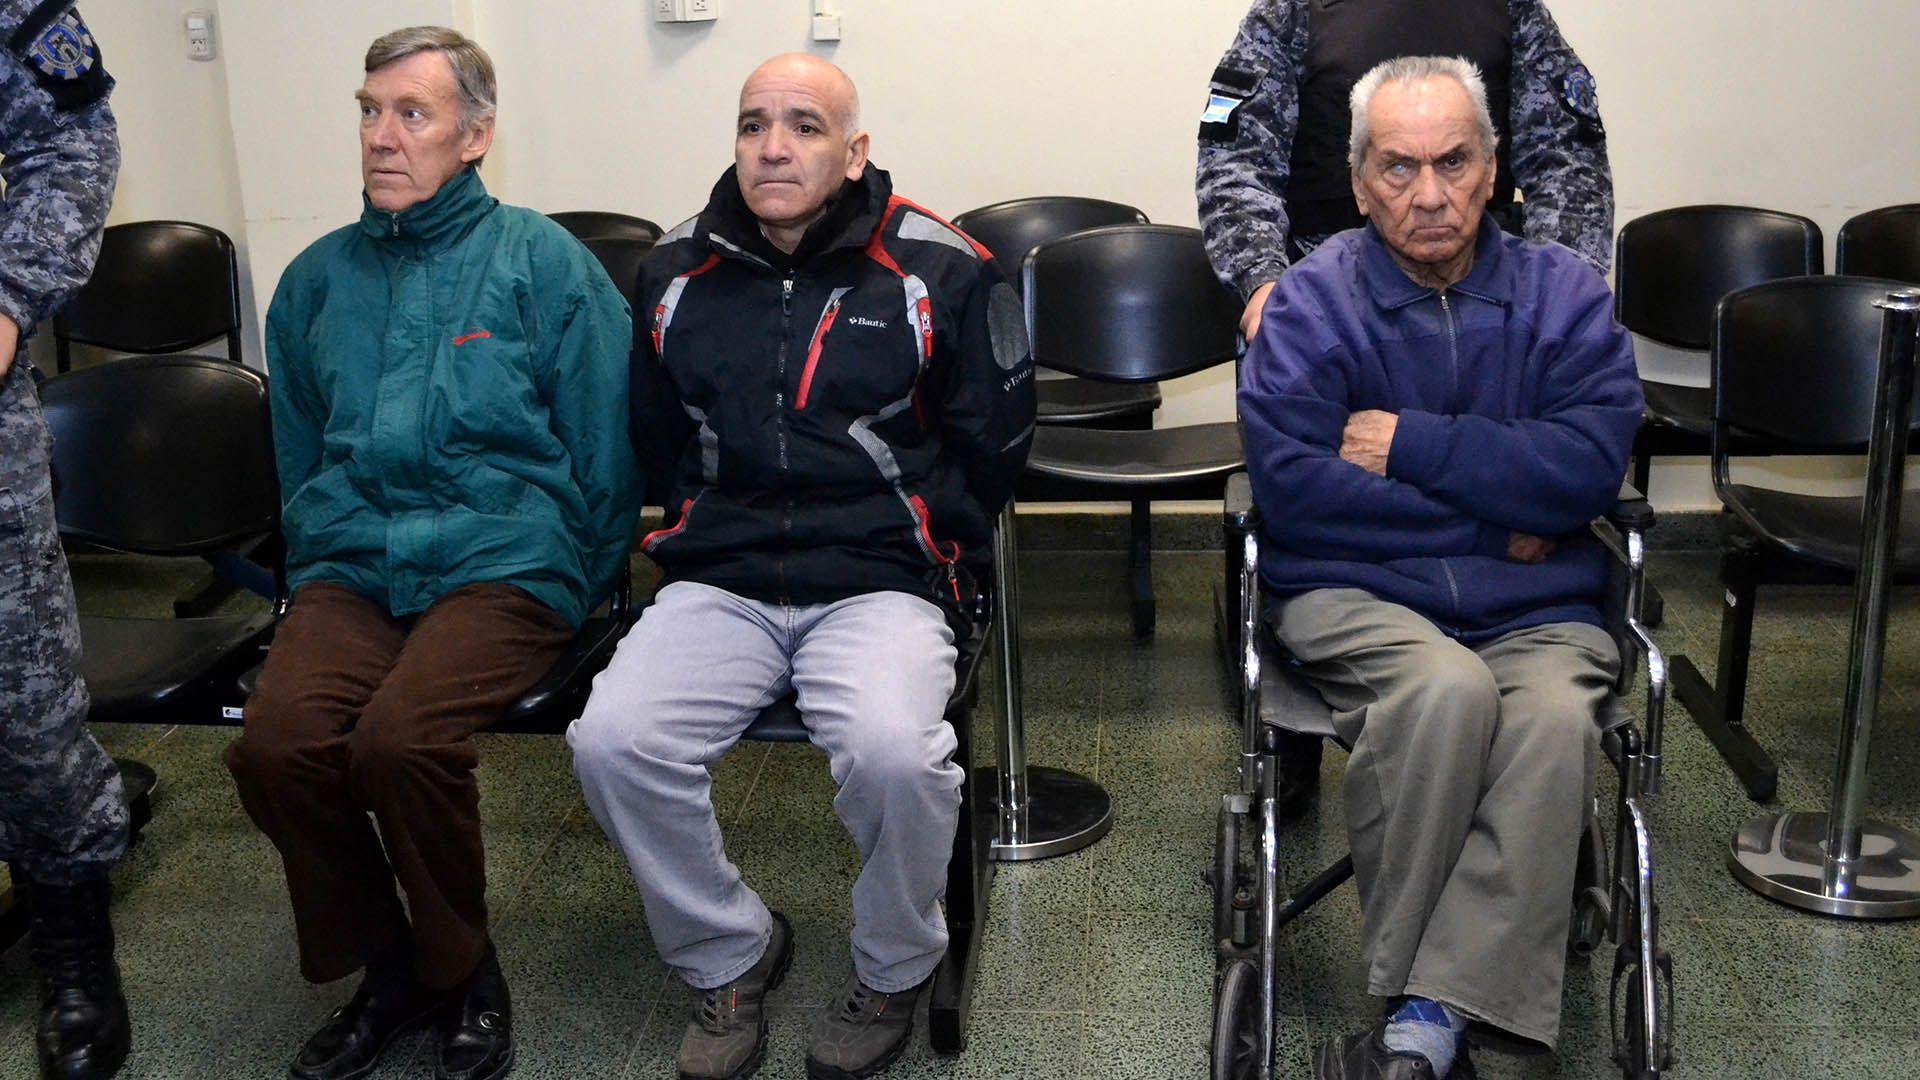 El sacerdote Horacio Hugo Corbacho Blanck fue condenado a 45 años de prisión, el cura italiano Nicola Corradi recibió una pena de 42 años y el ex jardinero Armando Gómez fue sentenciado a 18 años (AFP)